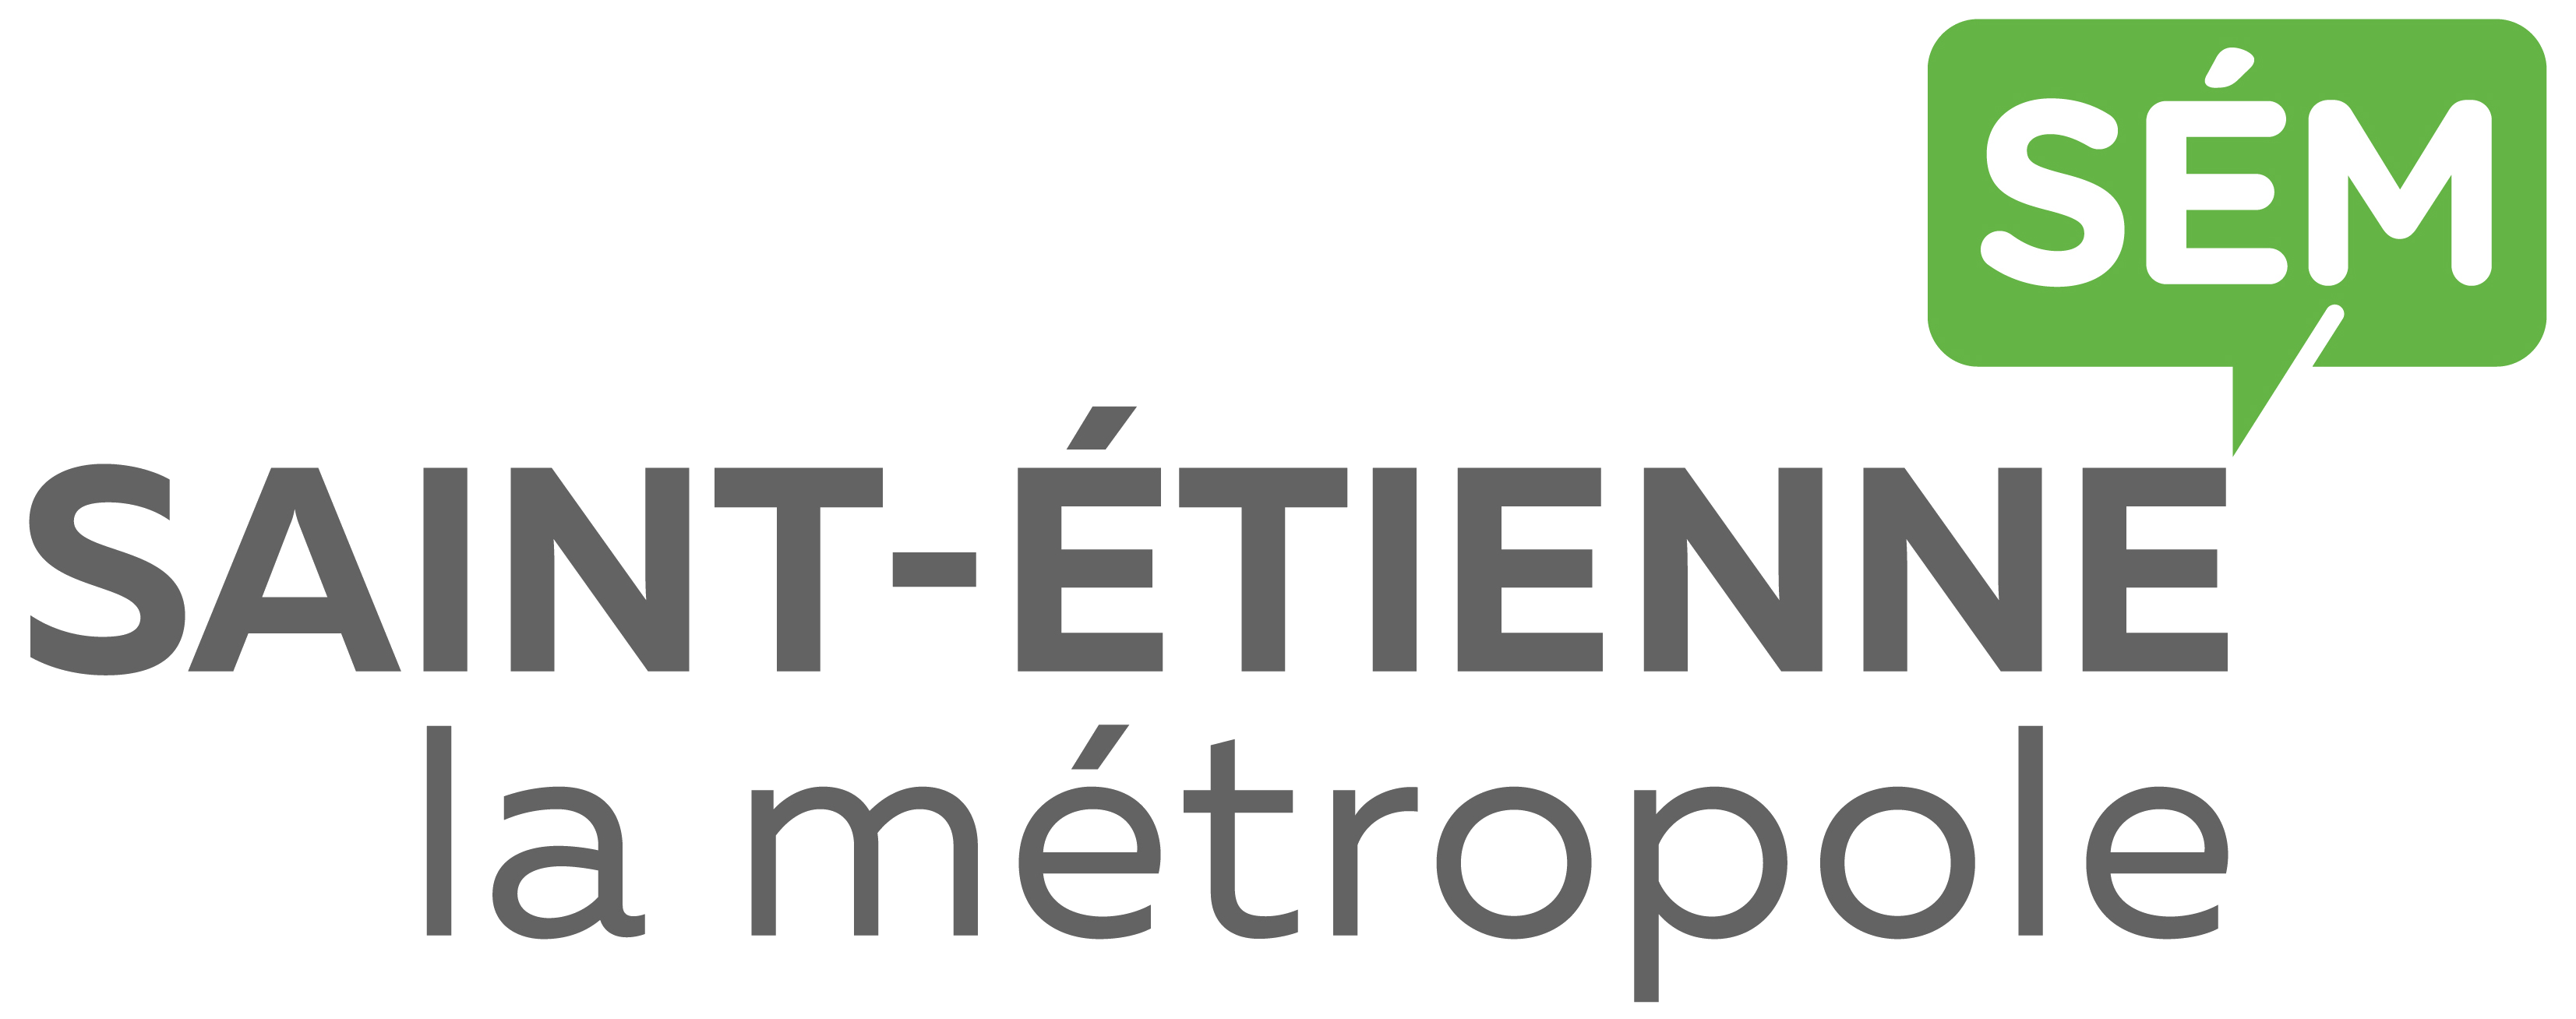 Saint-Etienne Métropole